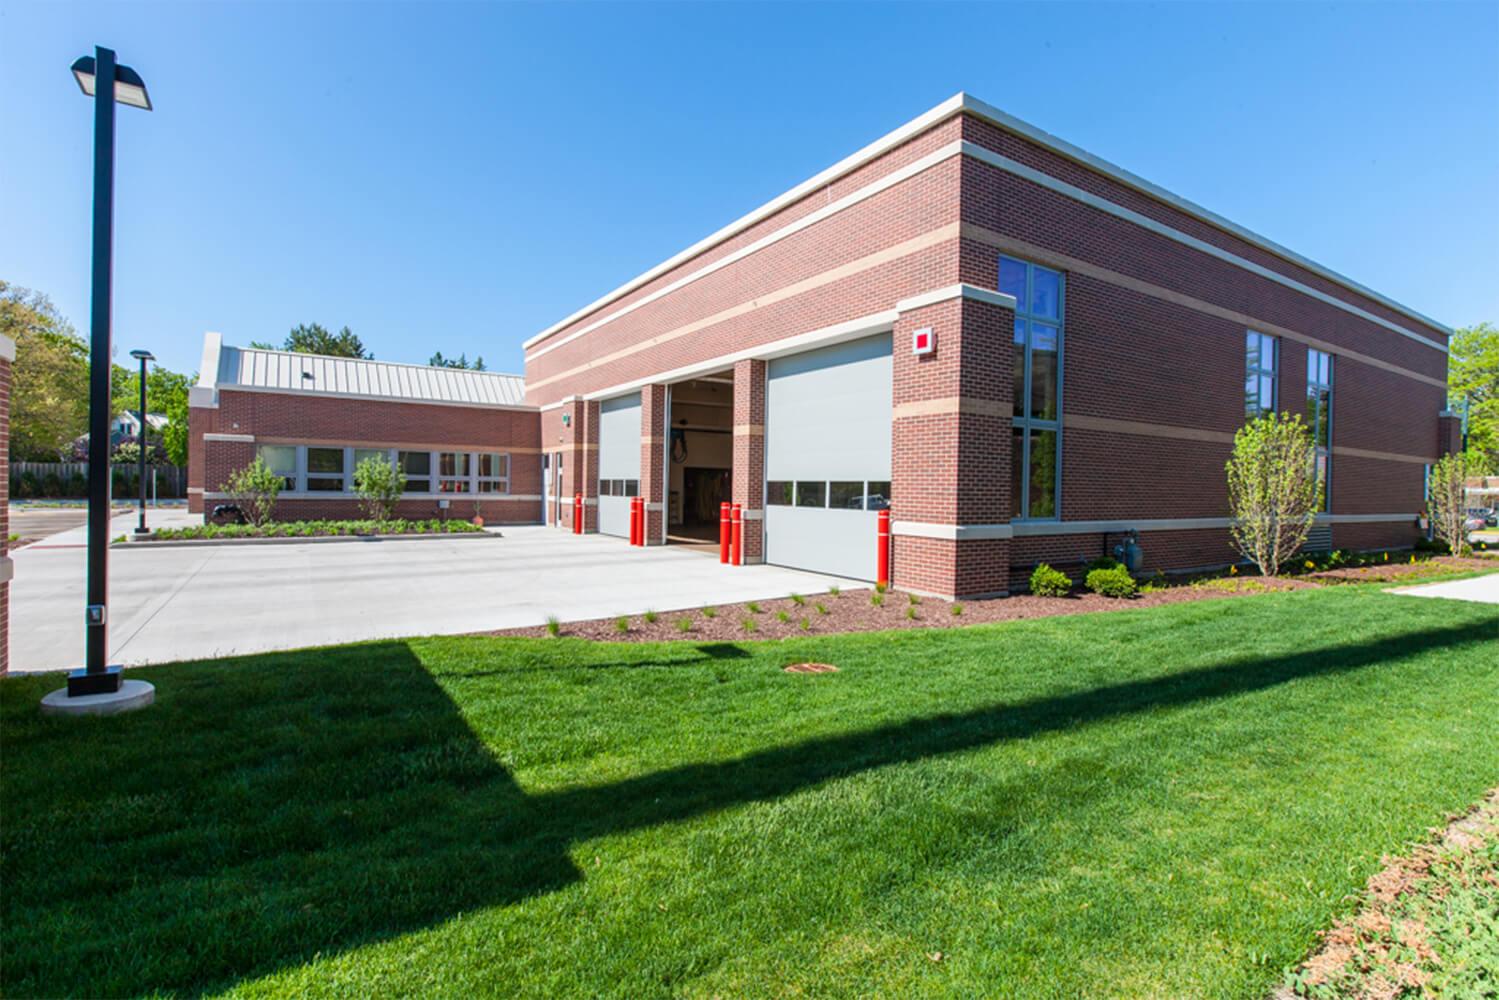 Glenview Fire Station Headquarters exterior 4